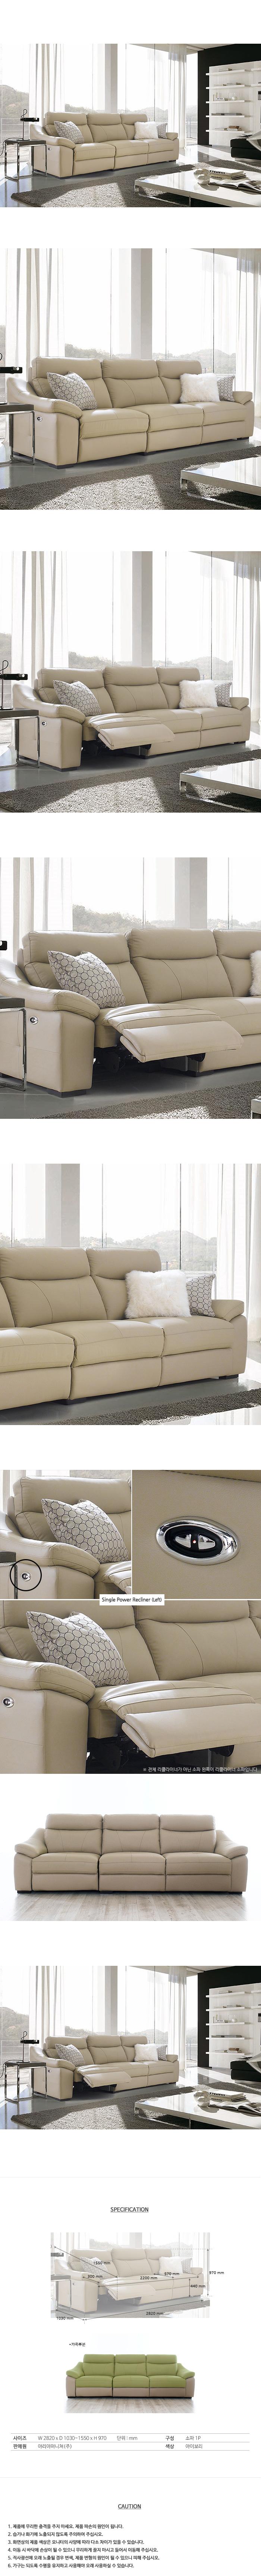 4_6_M8012_sofa.jpg